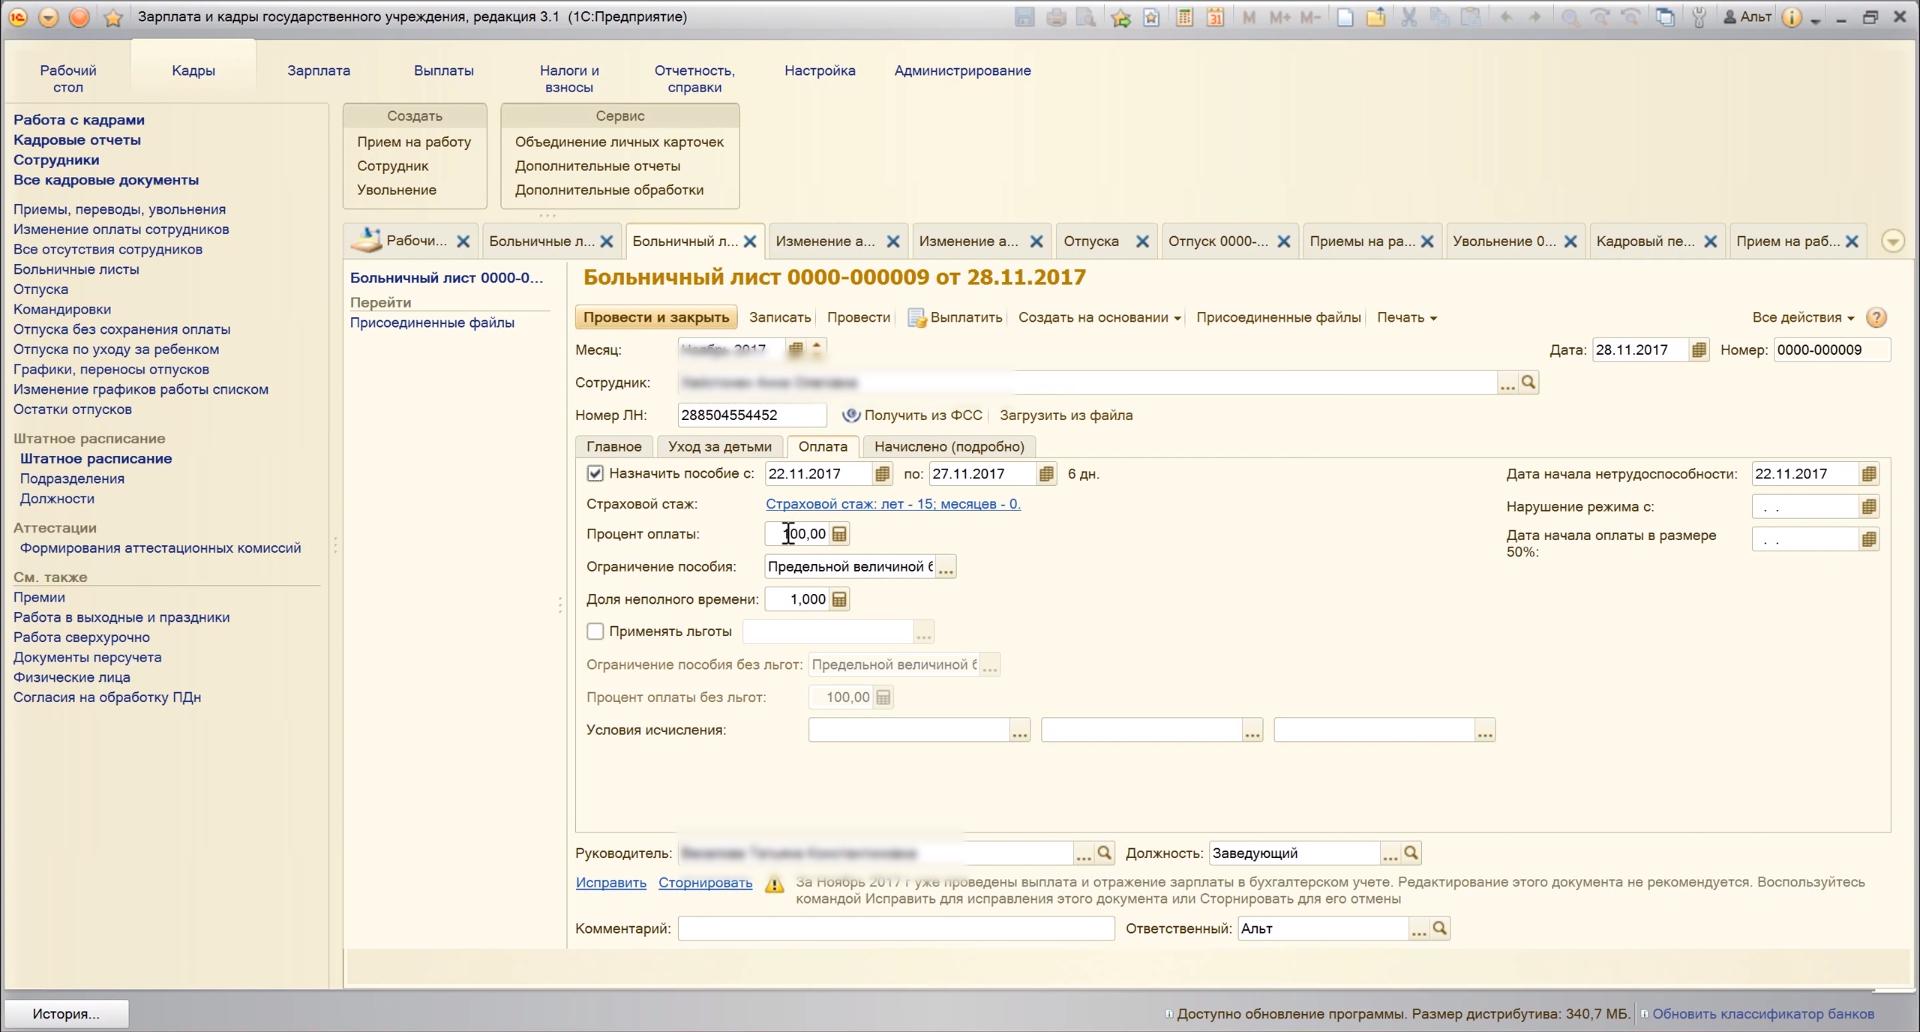 Оформление больничного листа в программном обеспечении для управления кадрами 1C:Зарплата и кадры государственного учреждения